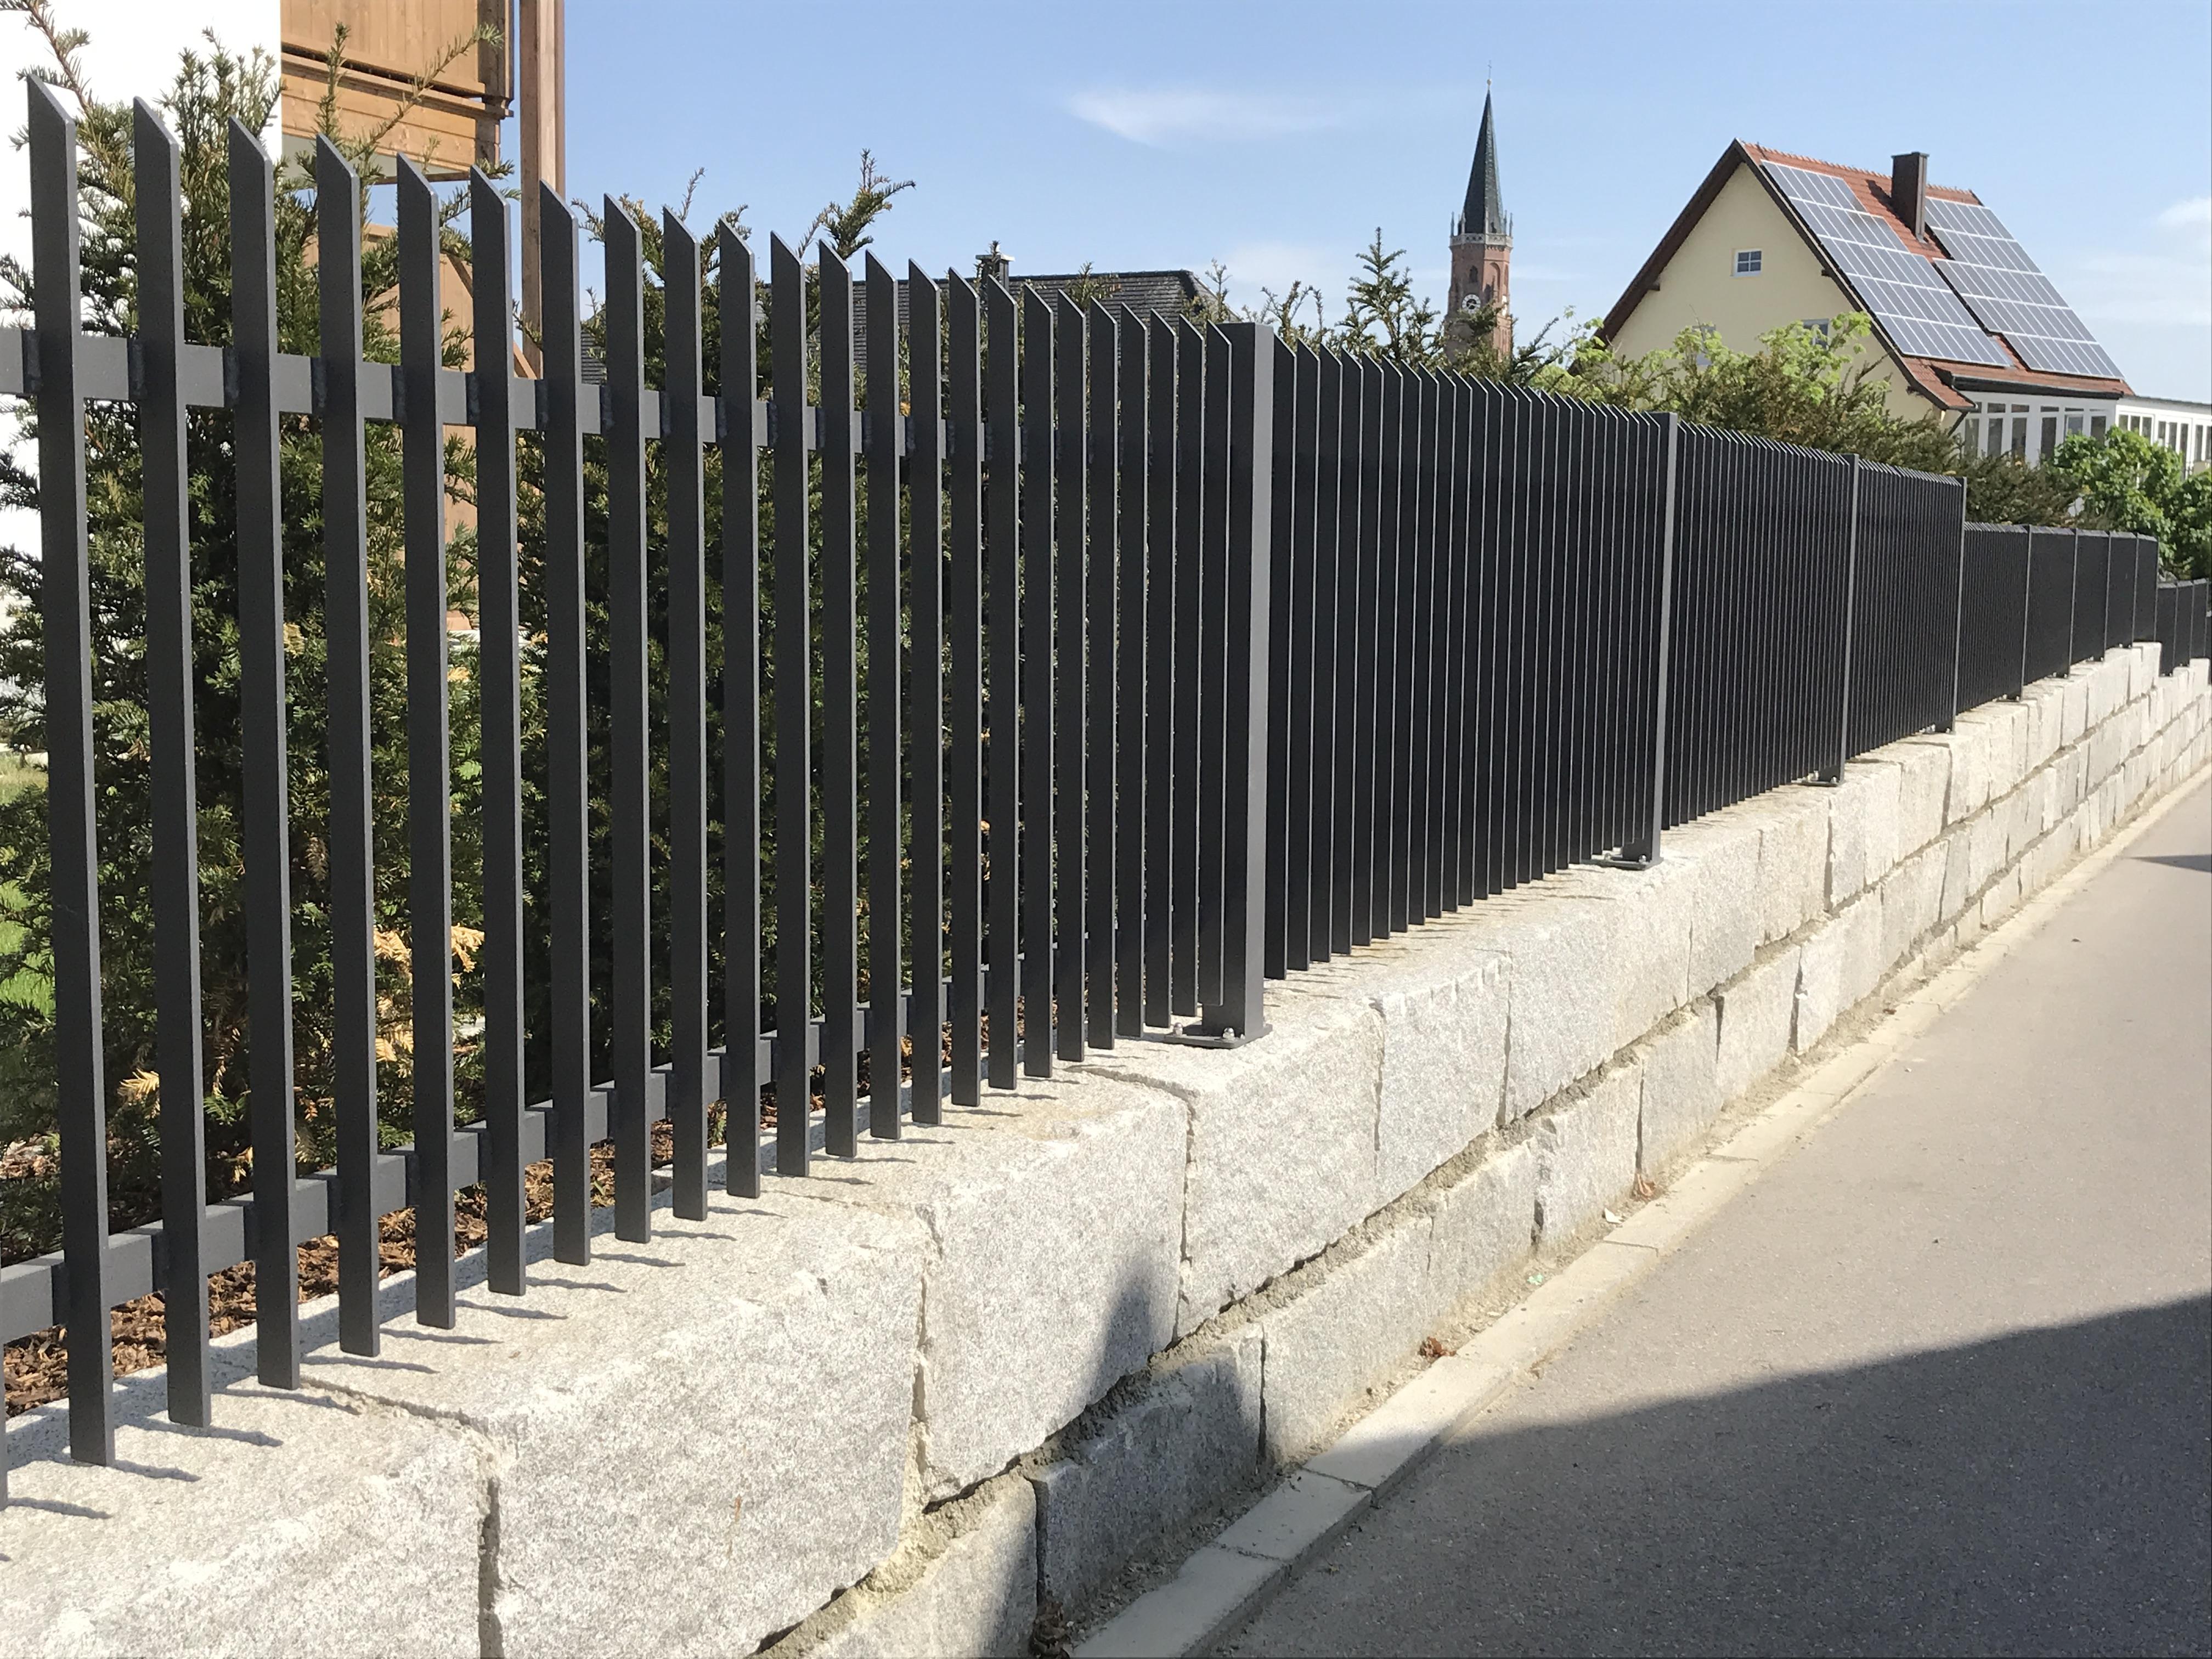 Moderner Zaun an einem sonnigen Tag